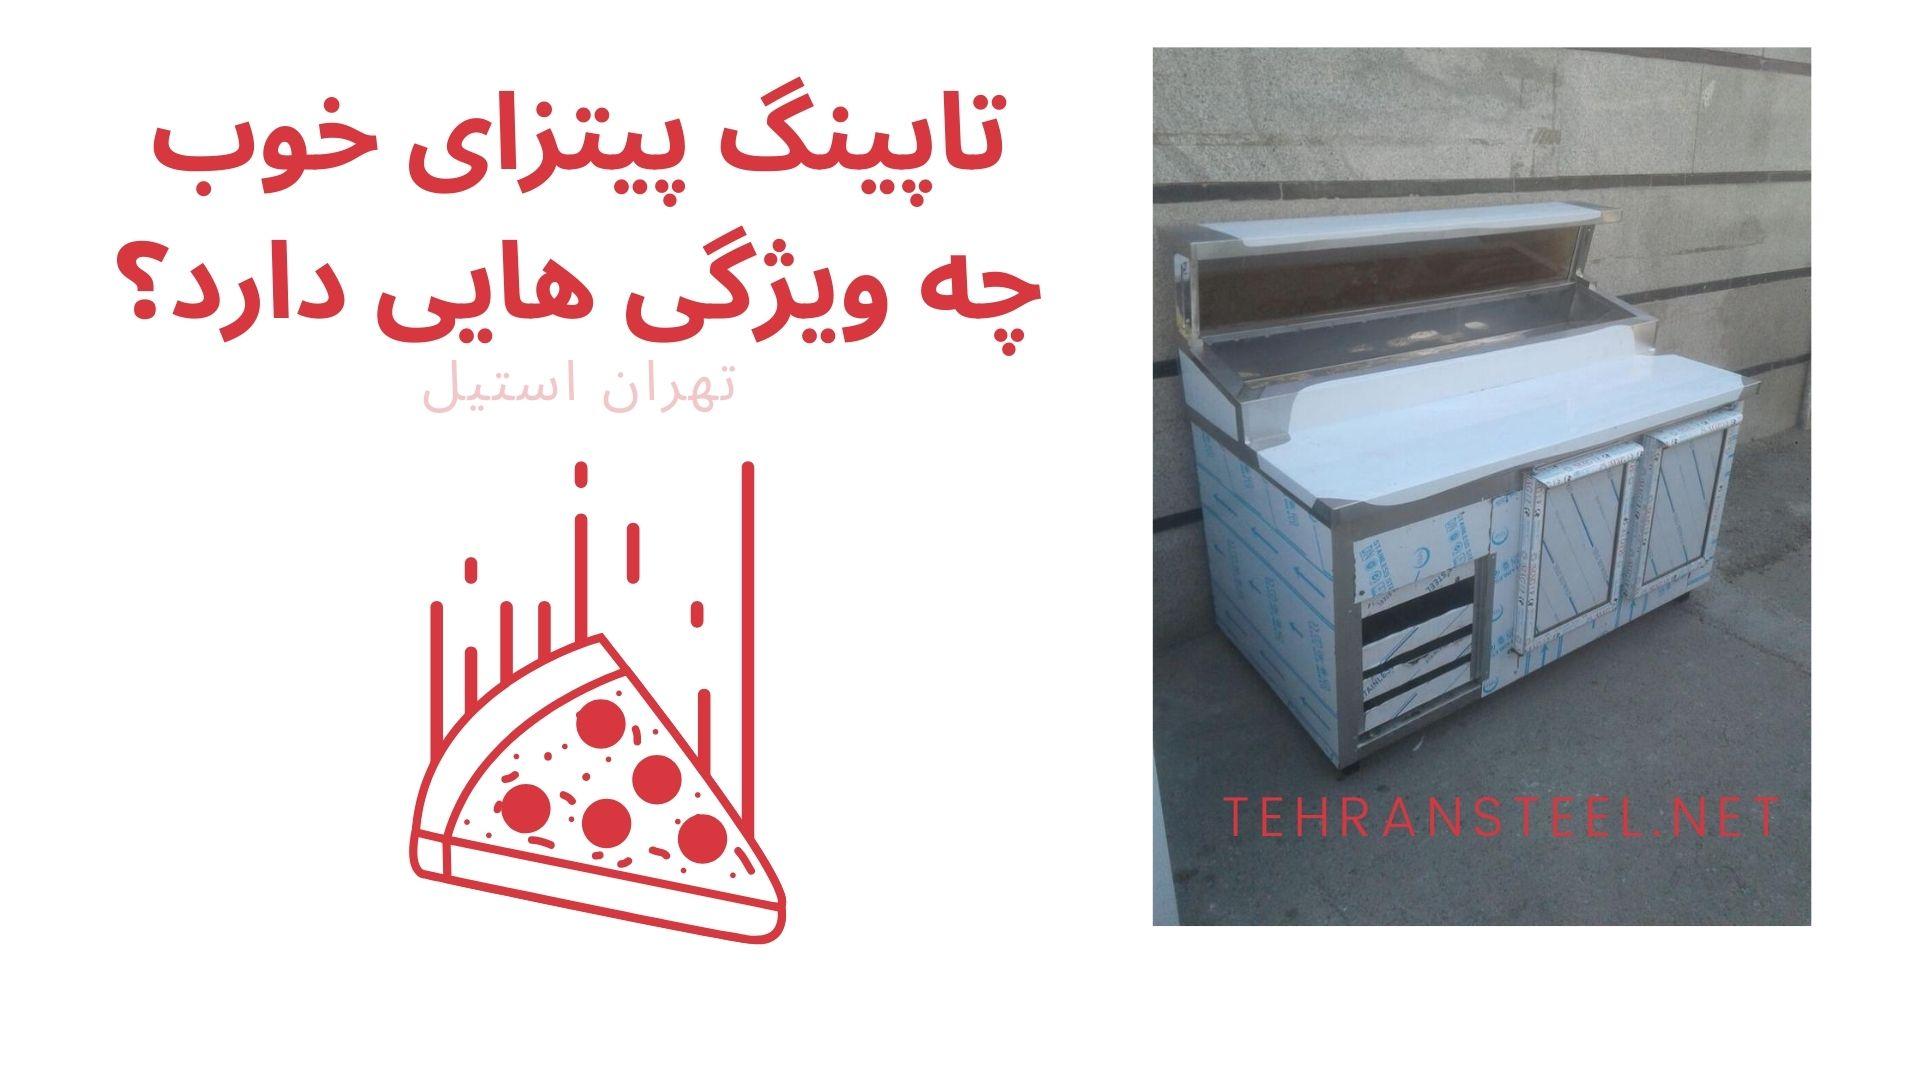 تاپینگ پیتزای خوب چه ویژگی هایی دارد؟